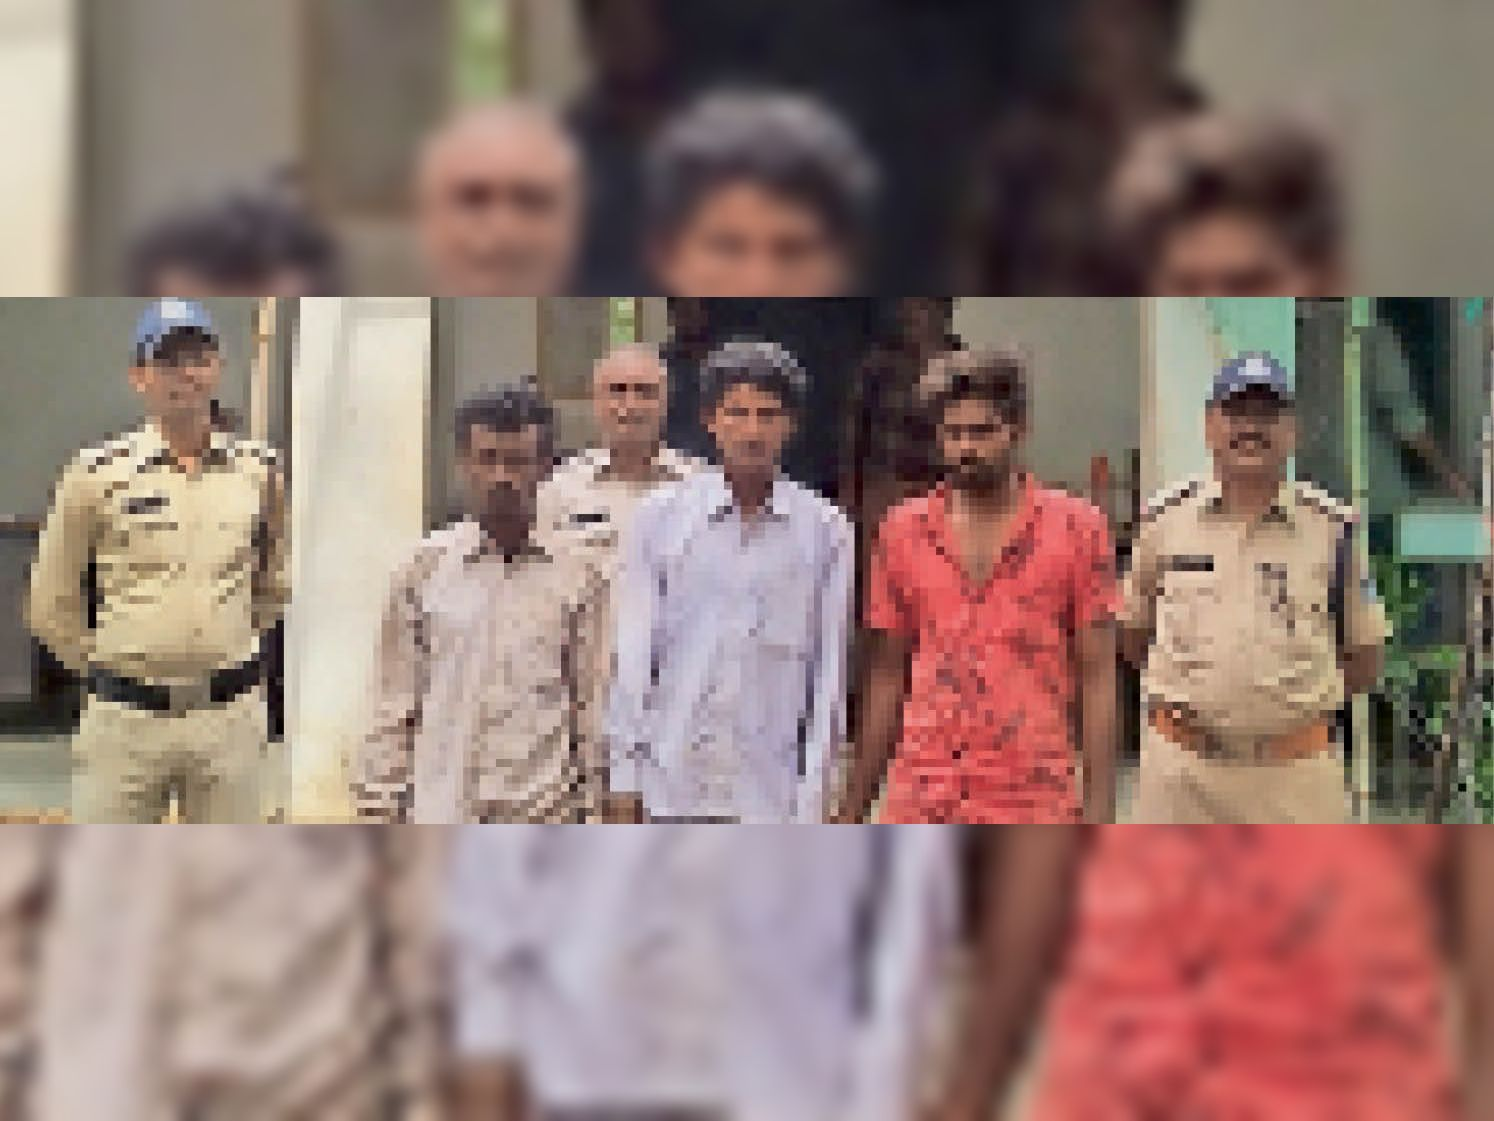 पुलिस की गिरफ्त में तीनों आरोपी। - Dainik Bhaskar